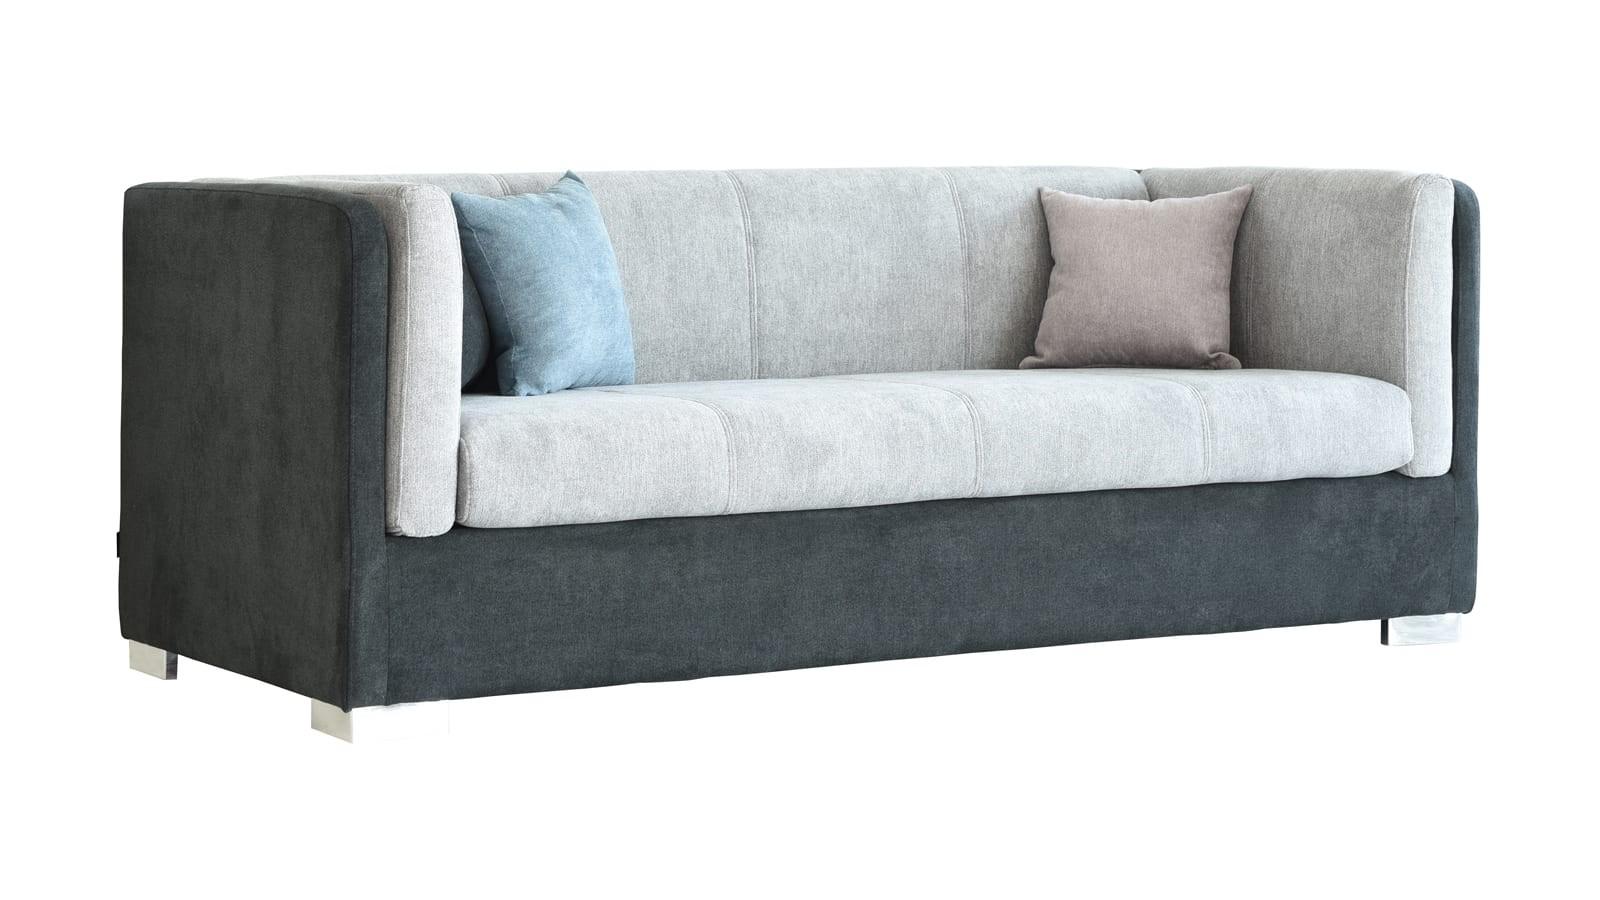 Canapé 3 places style retro en tissu bicolore gris anthracite